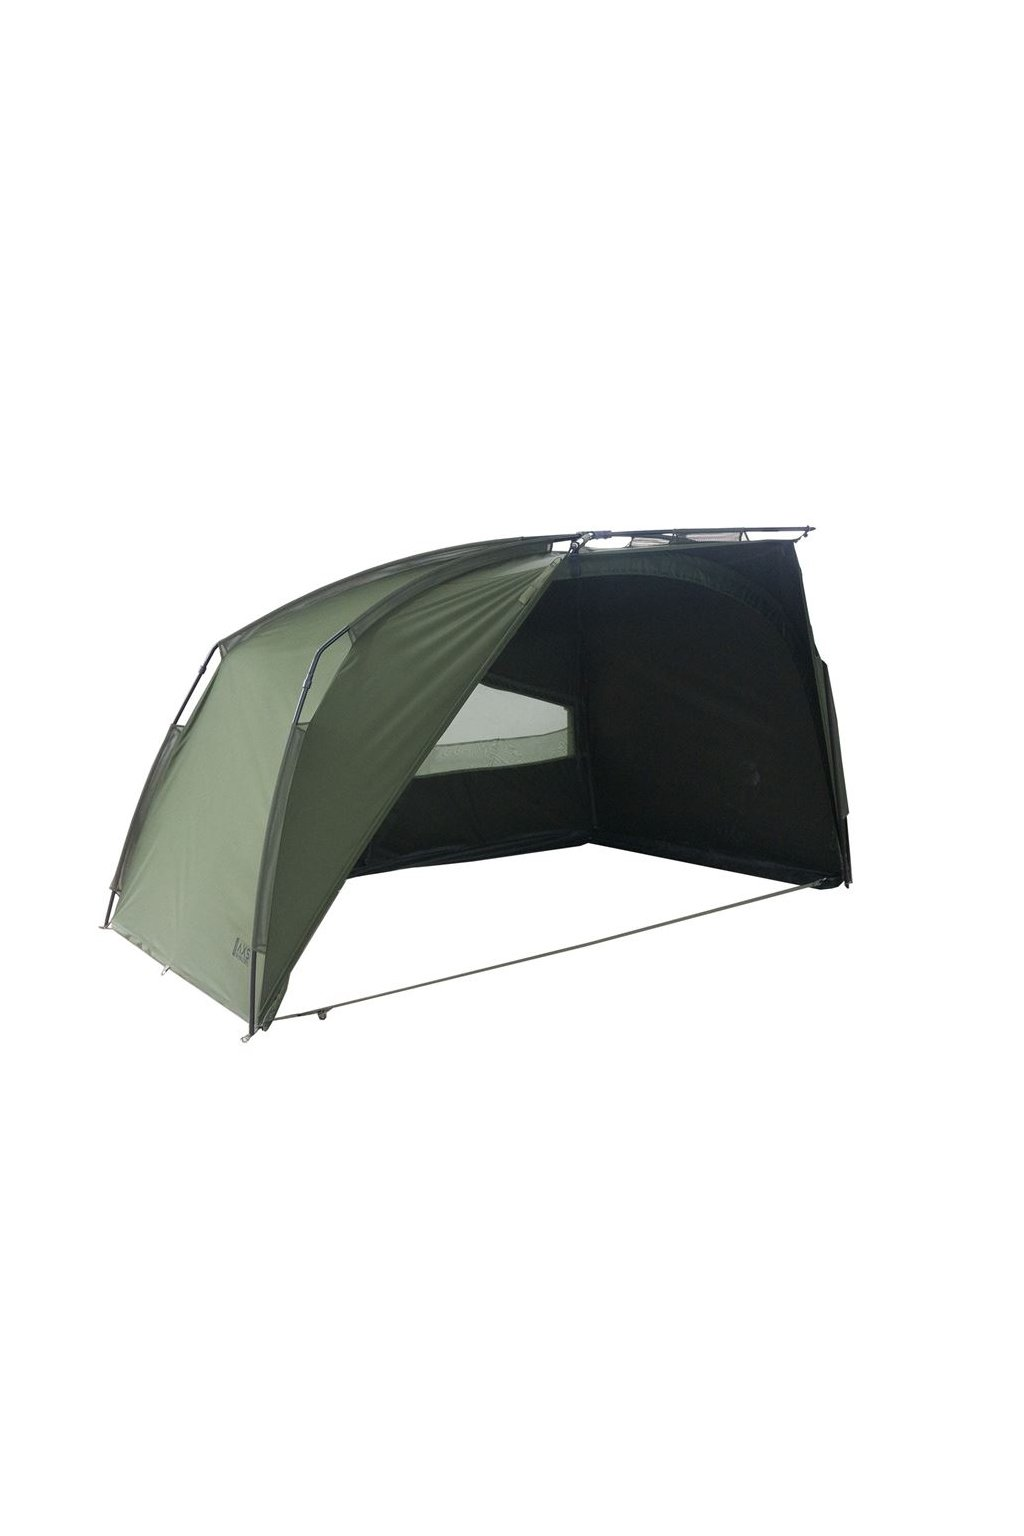 Sonik: Přístřešek AXS Shelter